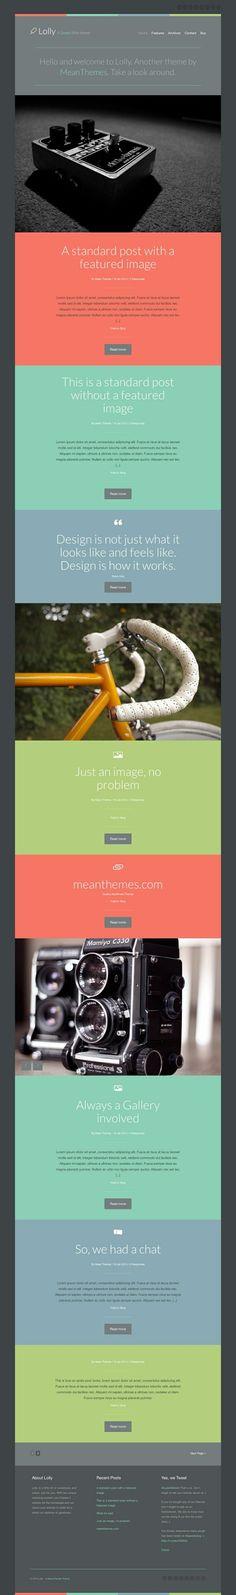 #webtemplate with a unique color scheme